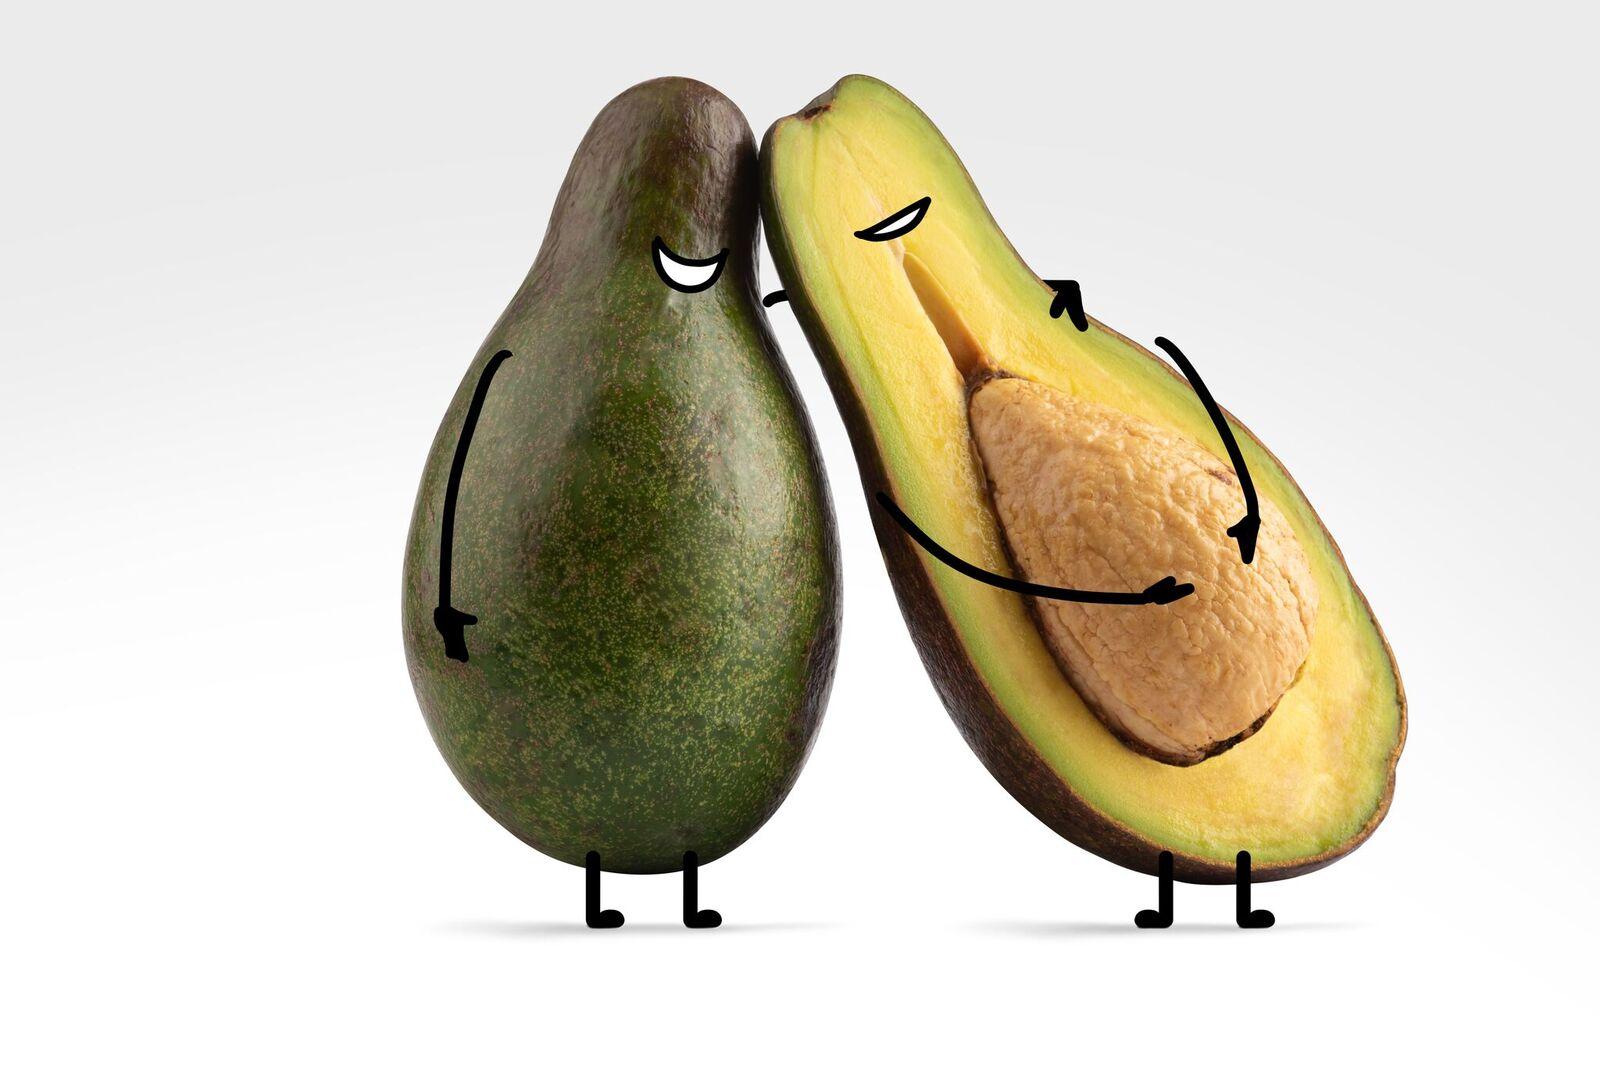 A Close Pair of Avocados